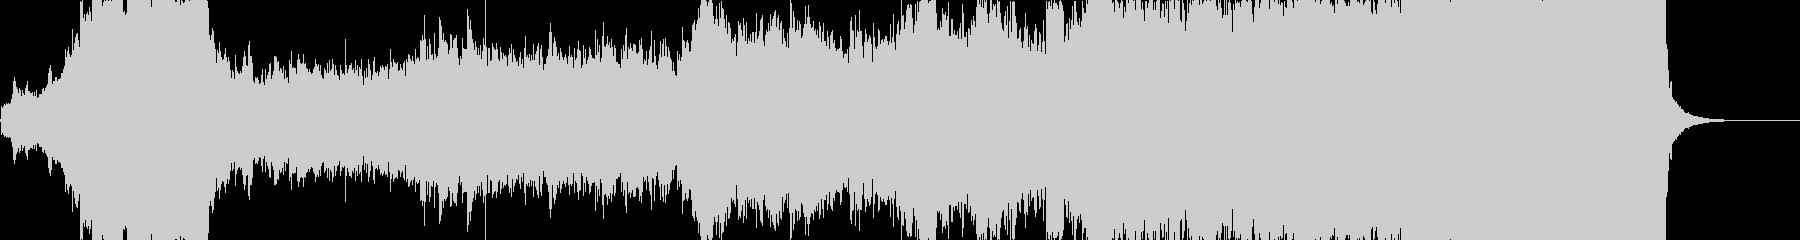 感動的なオーケストラファンタジーの未再生の波形